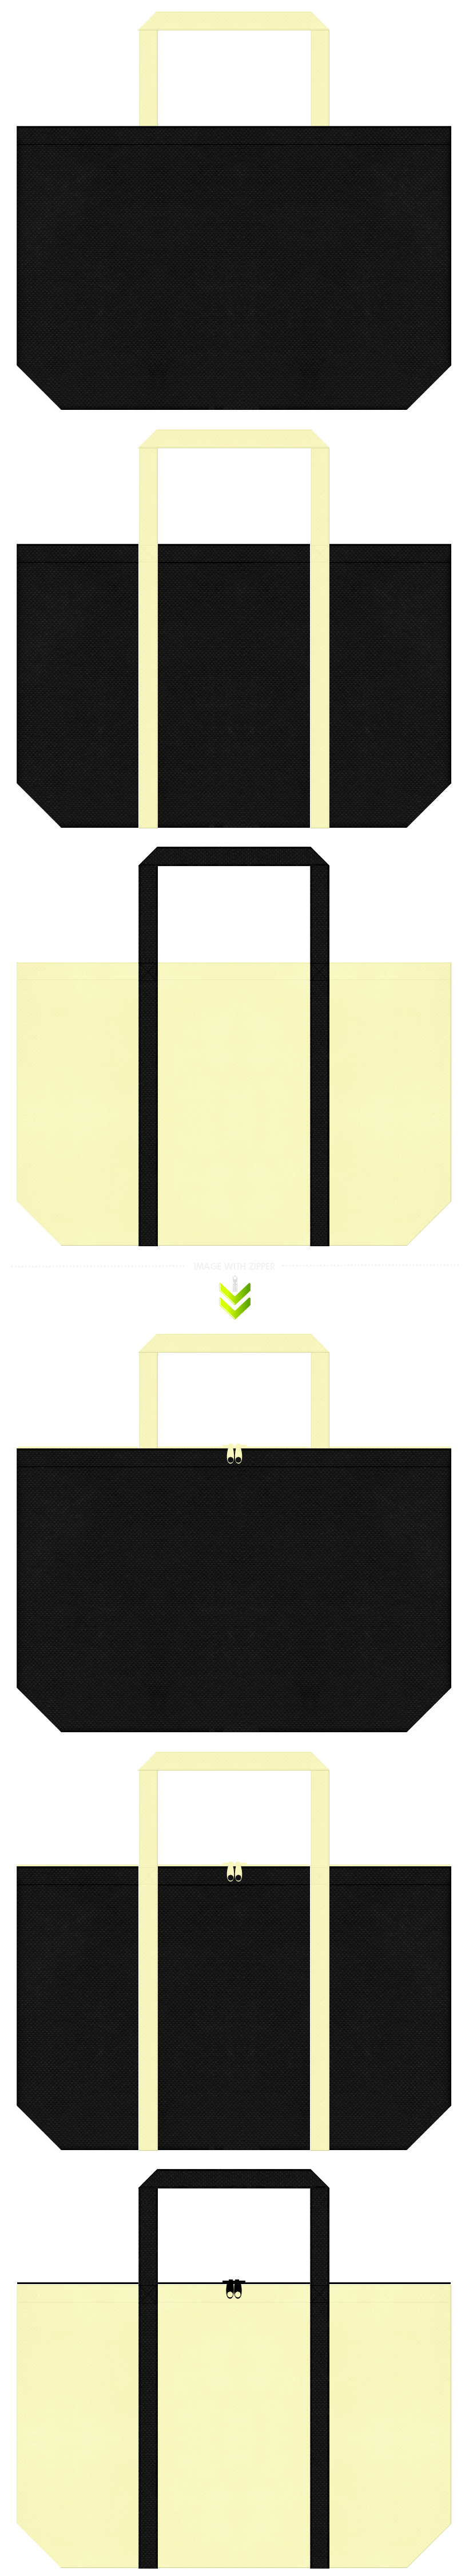 黒色と薄黄色の不織布エコバッグのデザイン。